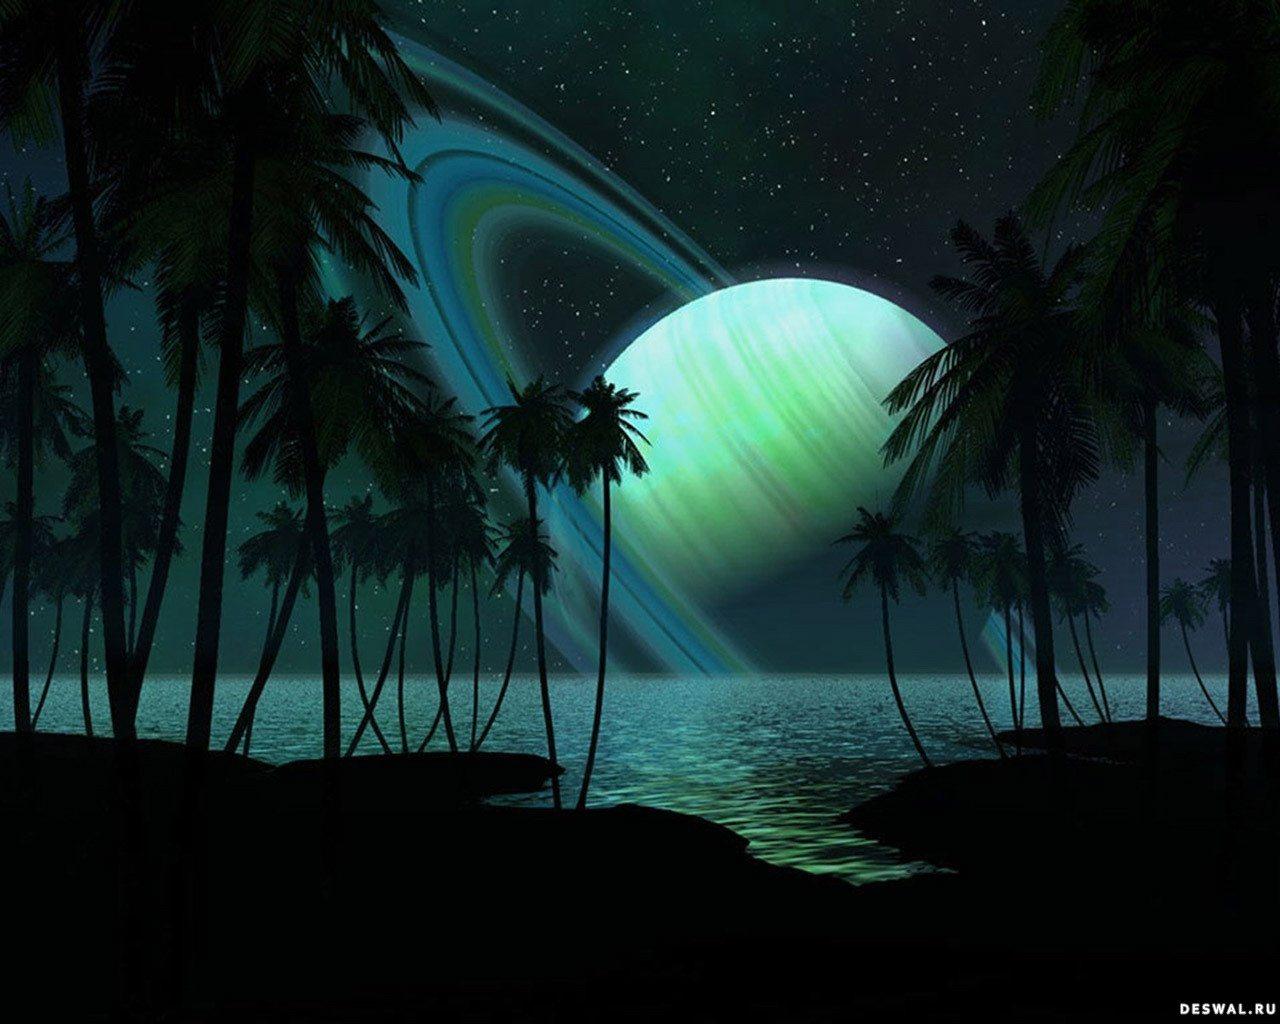 Фото 15.. Нажмите на картинку с обоями космоса, чтобы просмотреть ее в реальном размере